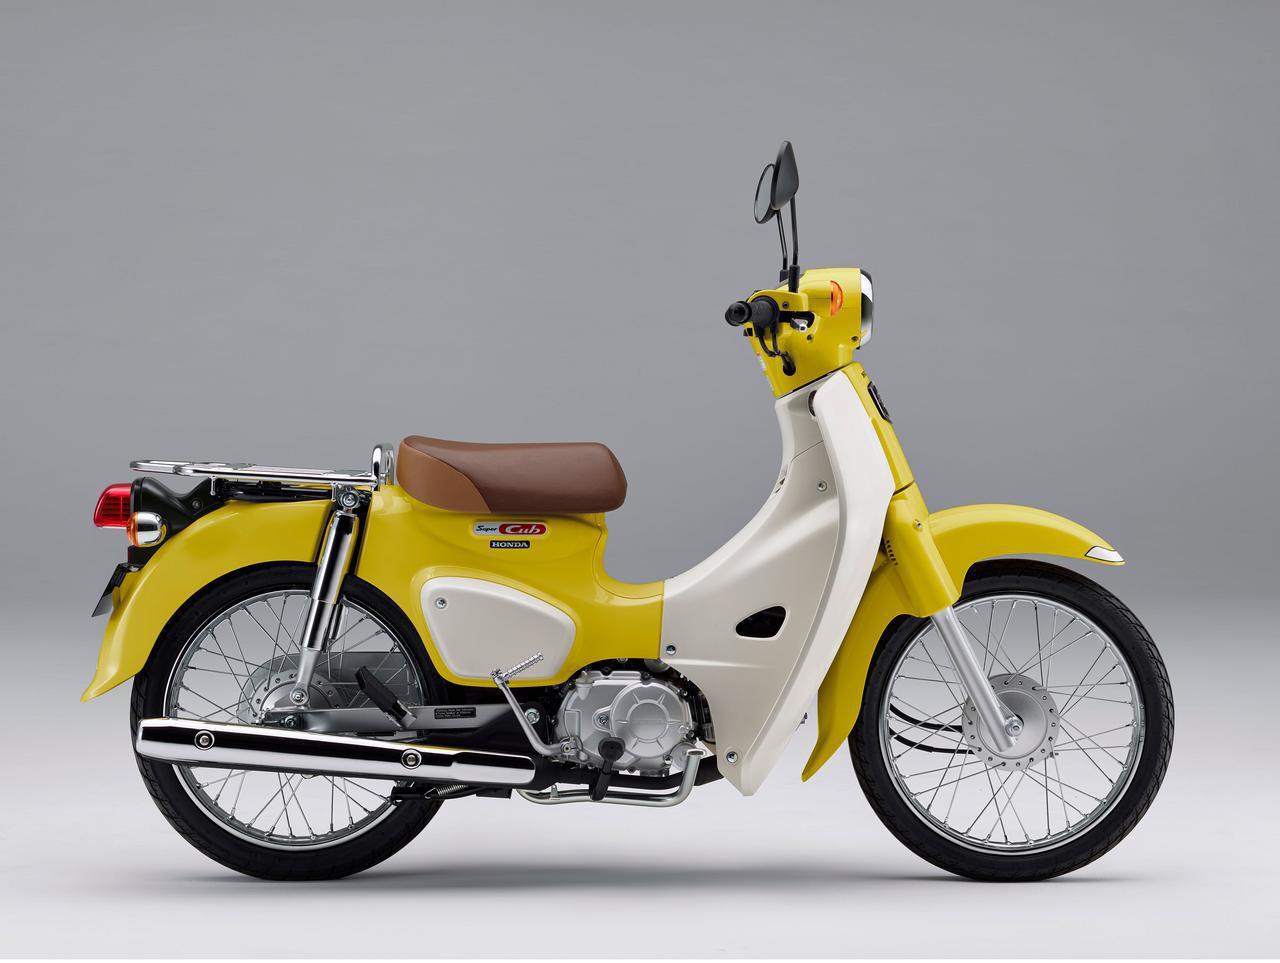 画像: 鮮やかイエロー ホンダ「スーパーカブ110」に新色が登場!! - A Little Honda | ア・リトル・ホンダ(リトホン)